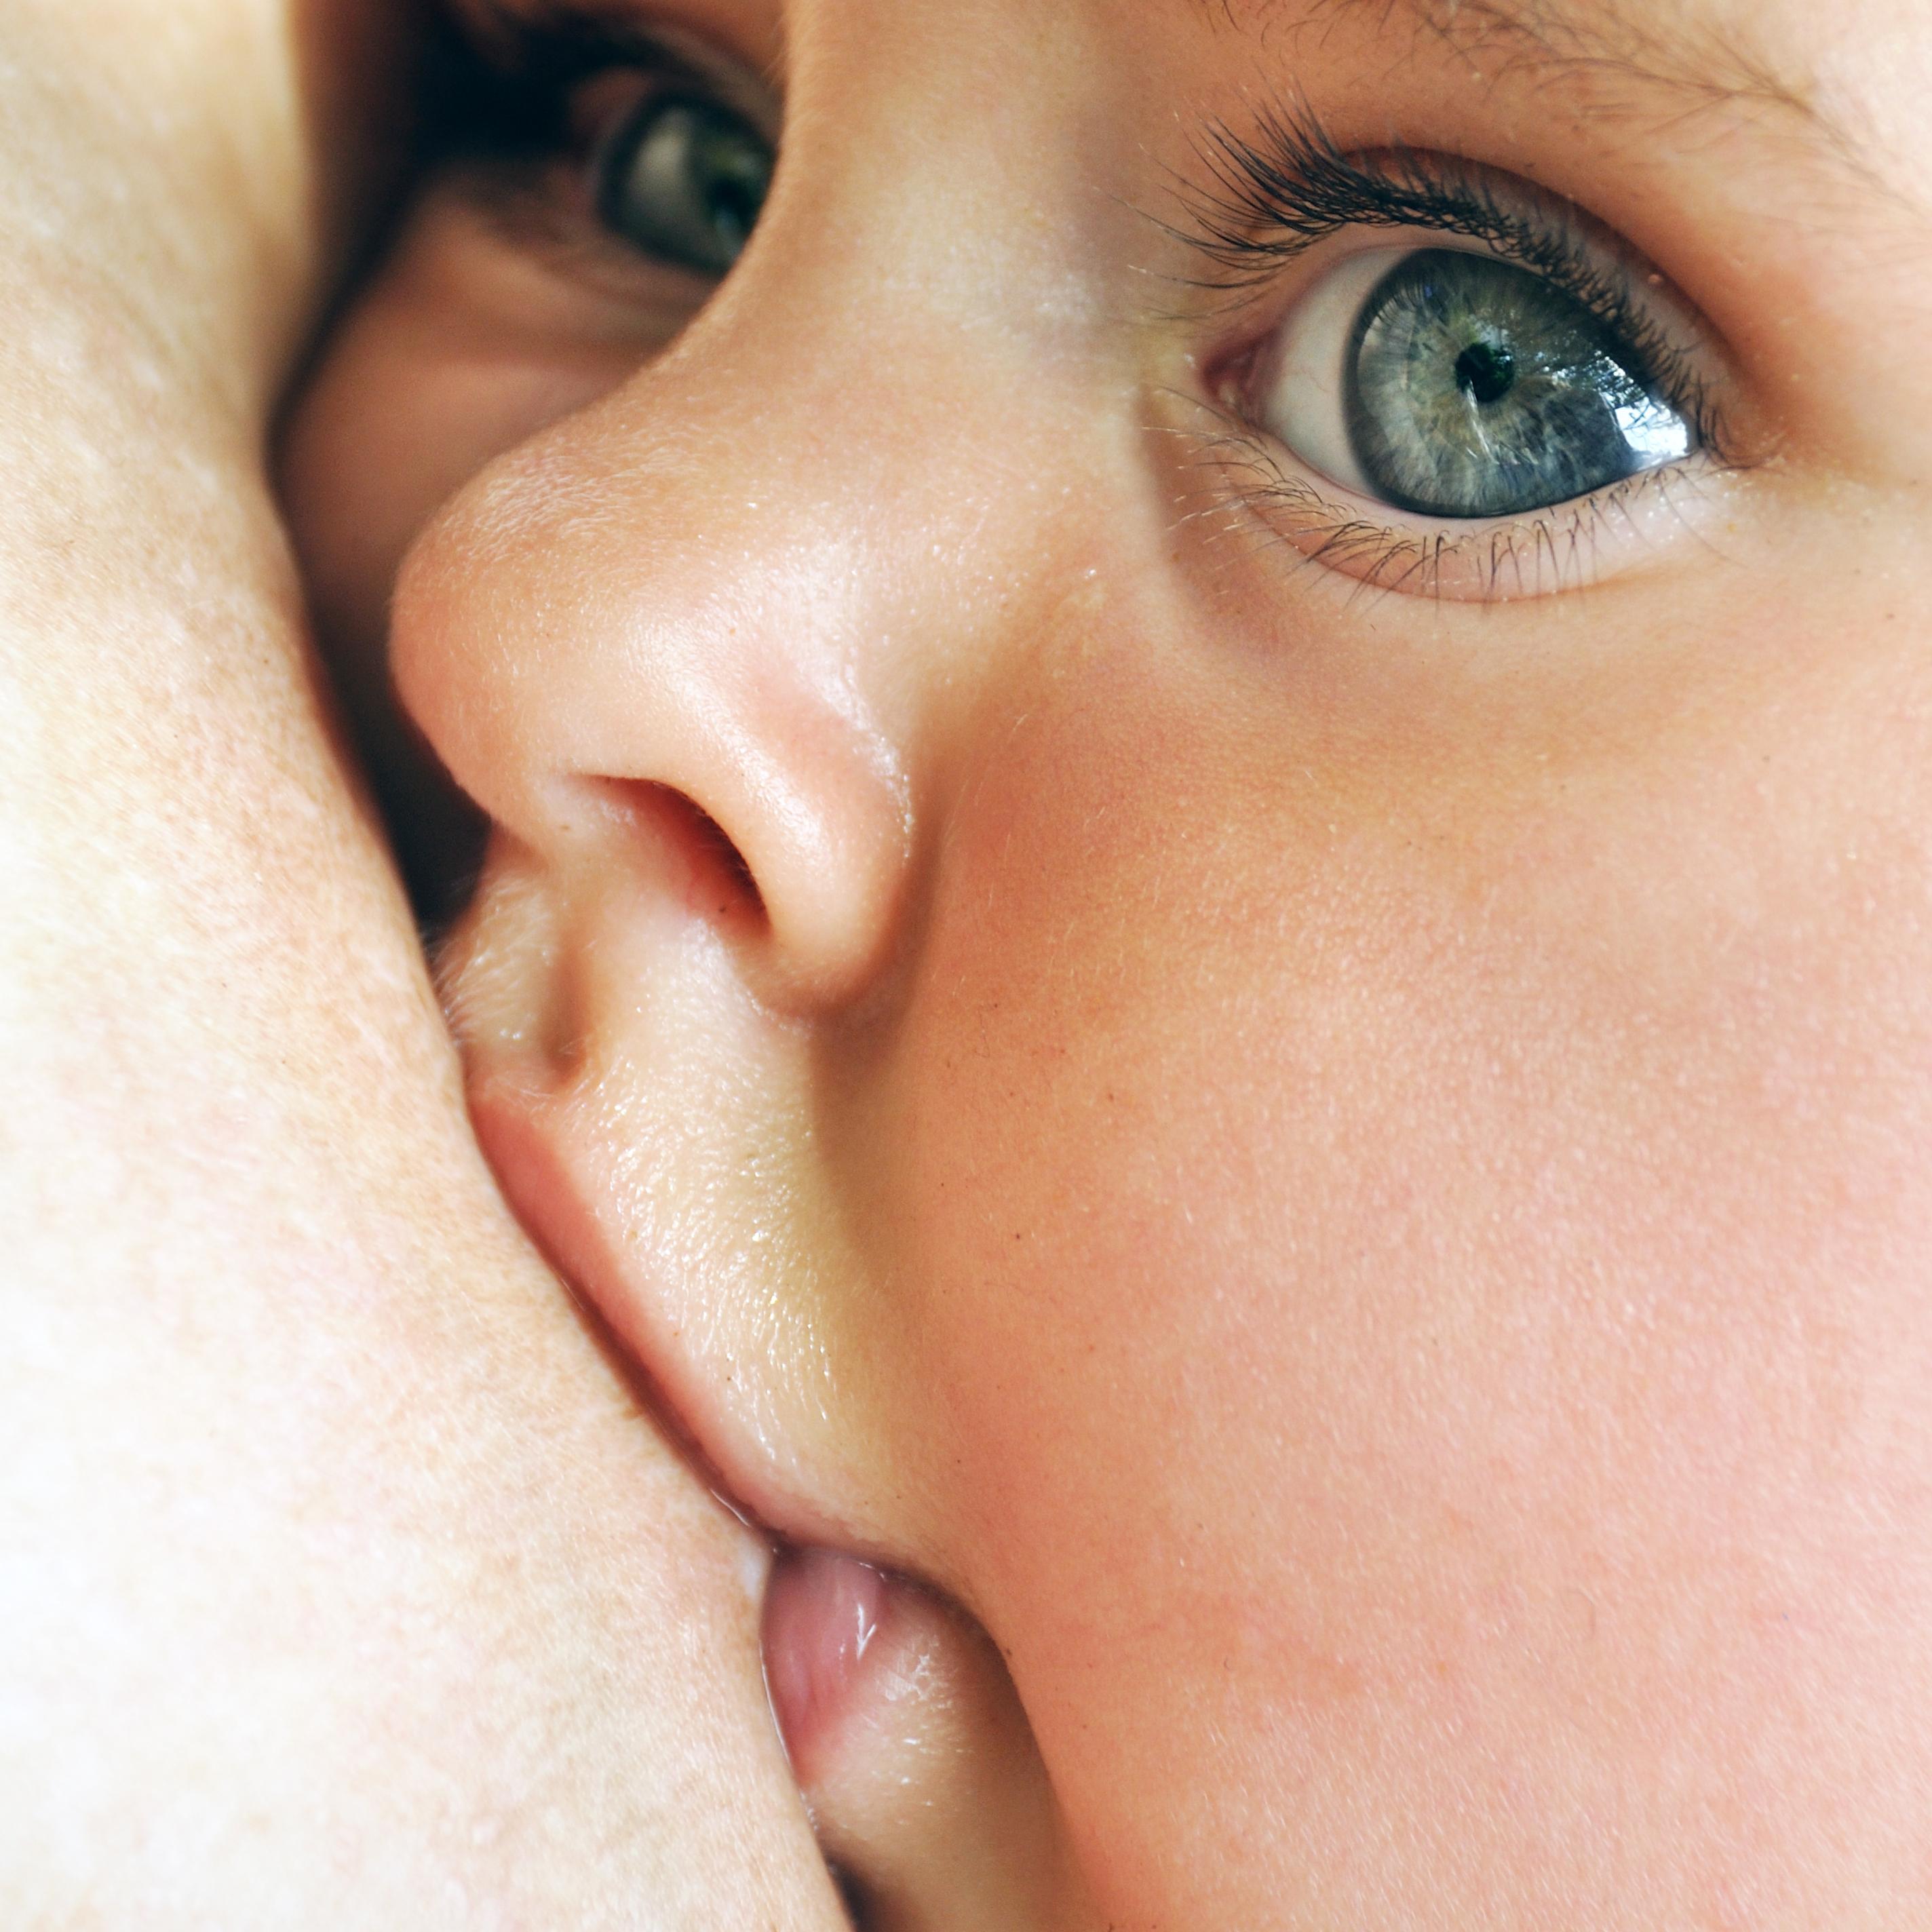 A tévhitekkel ellentétben a testmozgás a szoptatás alatt nem okoz sem minőségi, sem mennyiségi romlást az anyatejben.